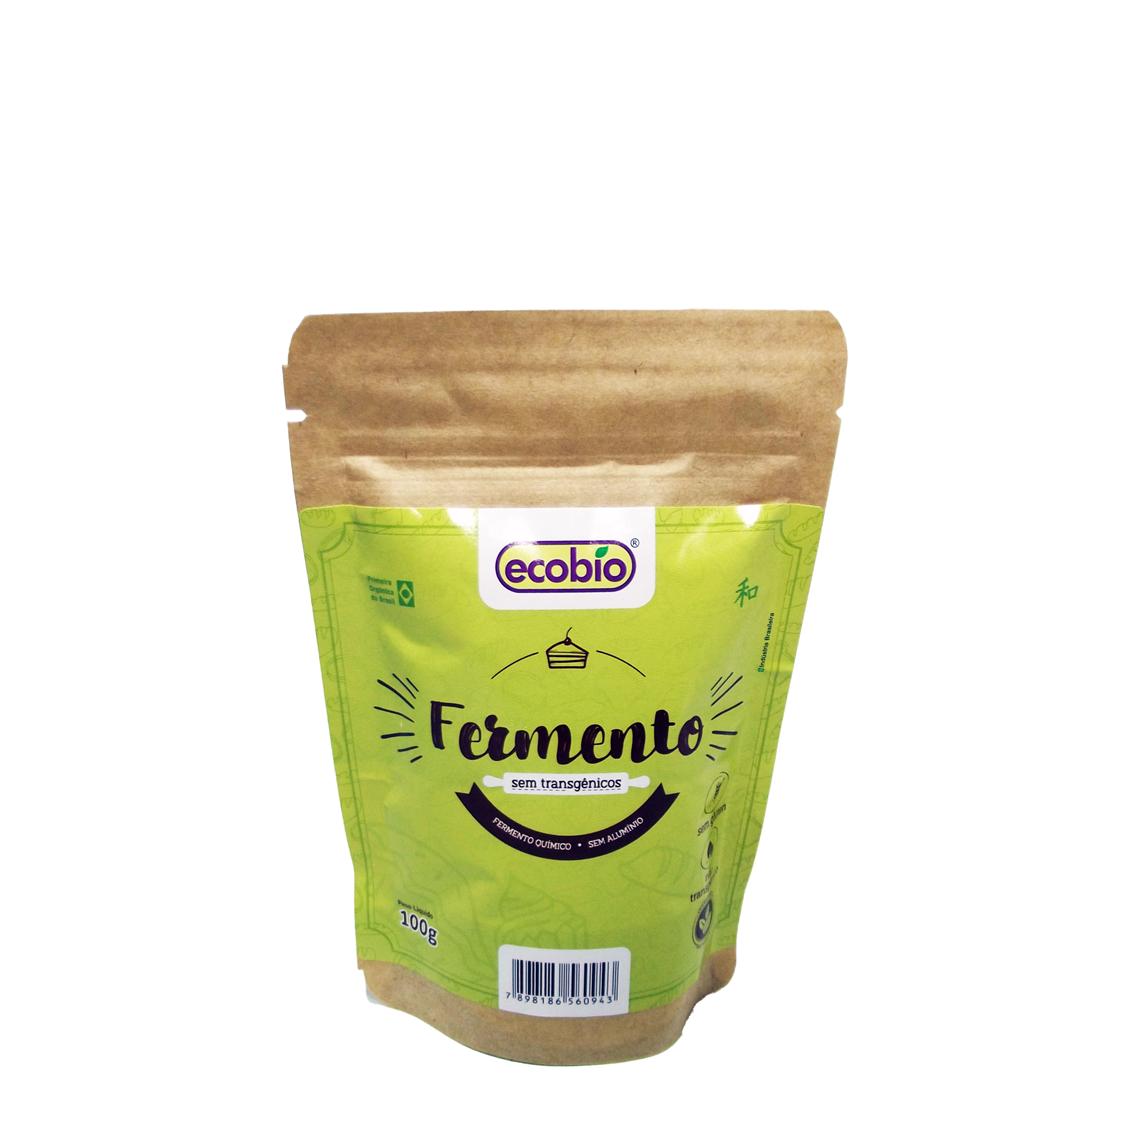 Fermento (100g) – Ecobio